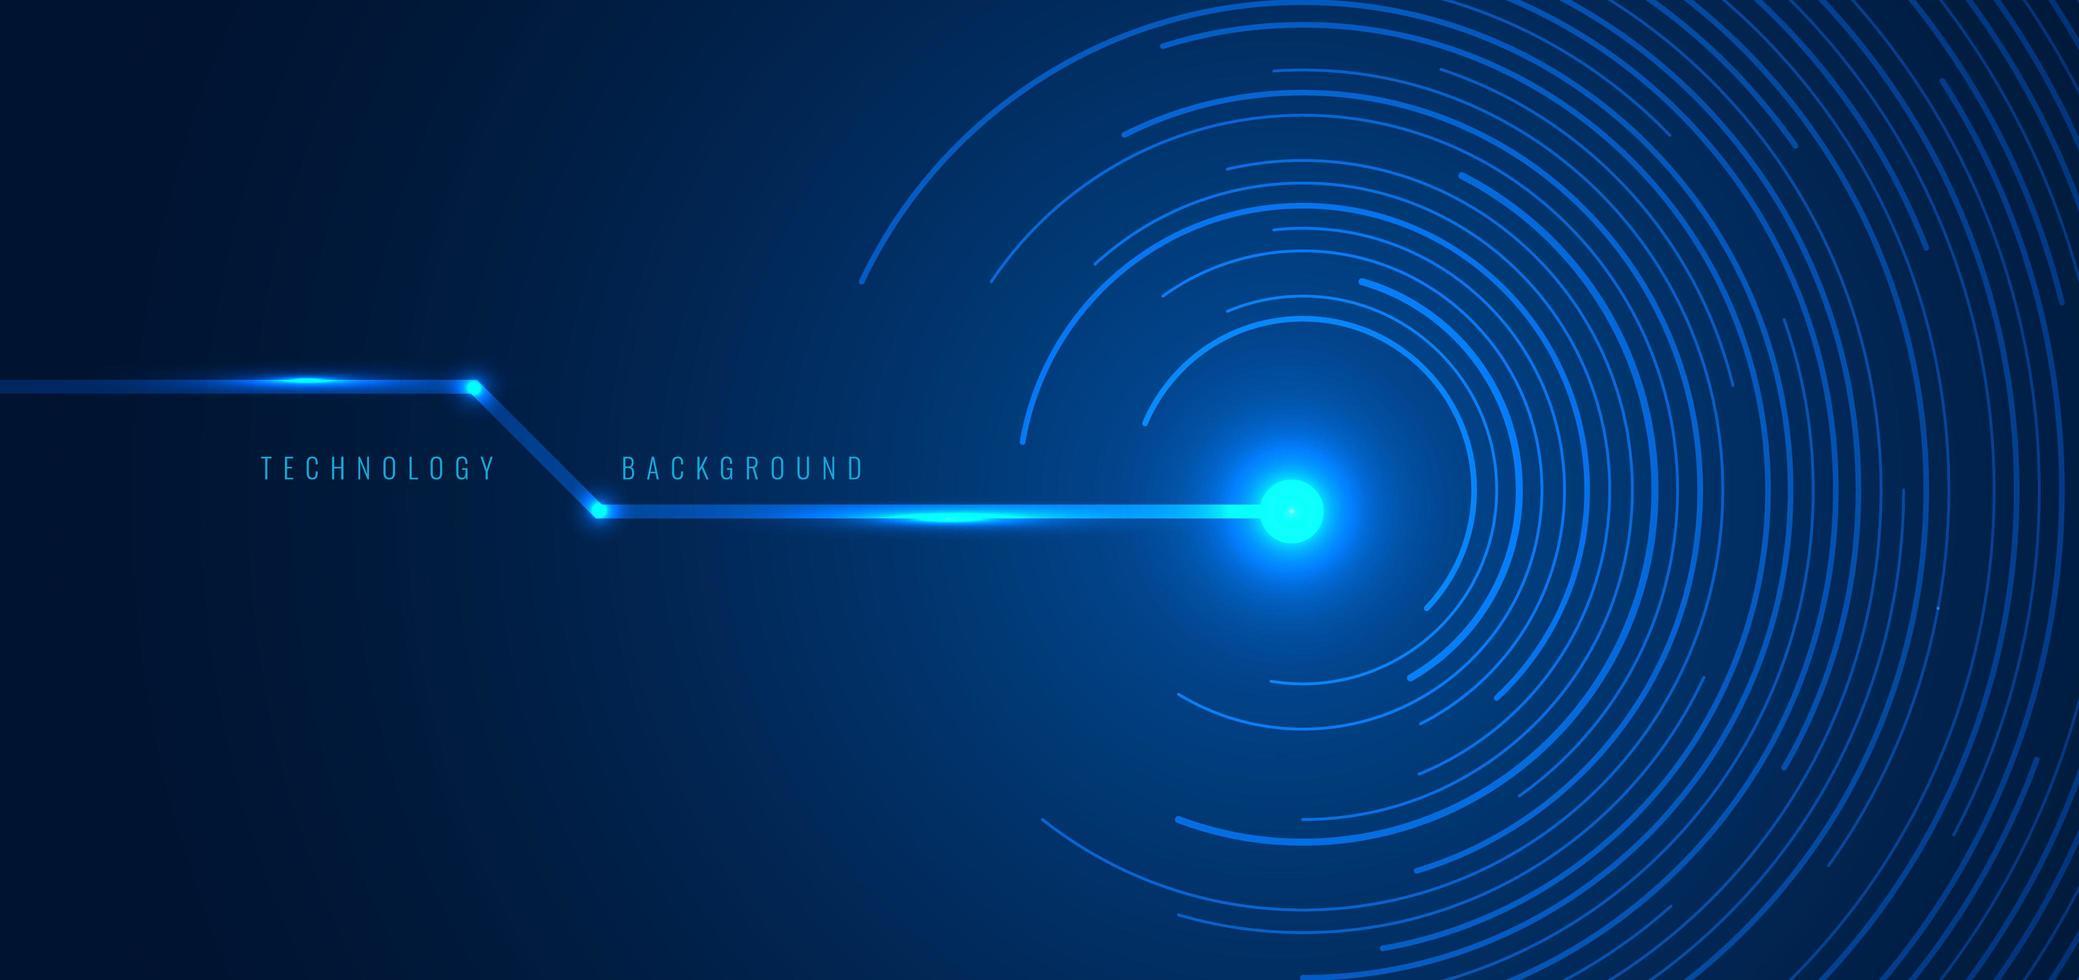 futuristisches Konzept der abstrakten Technologie blaue Kreislinien vektor